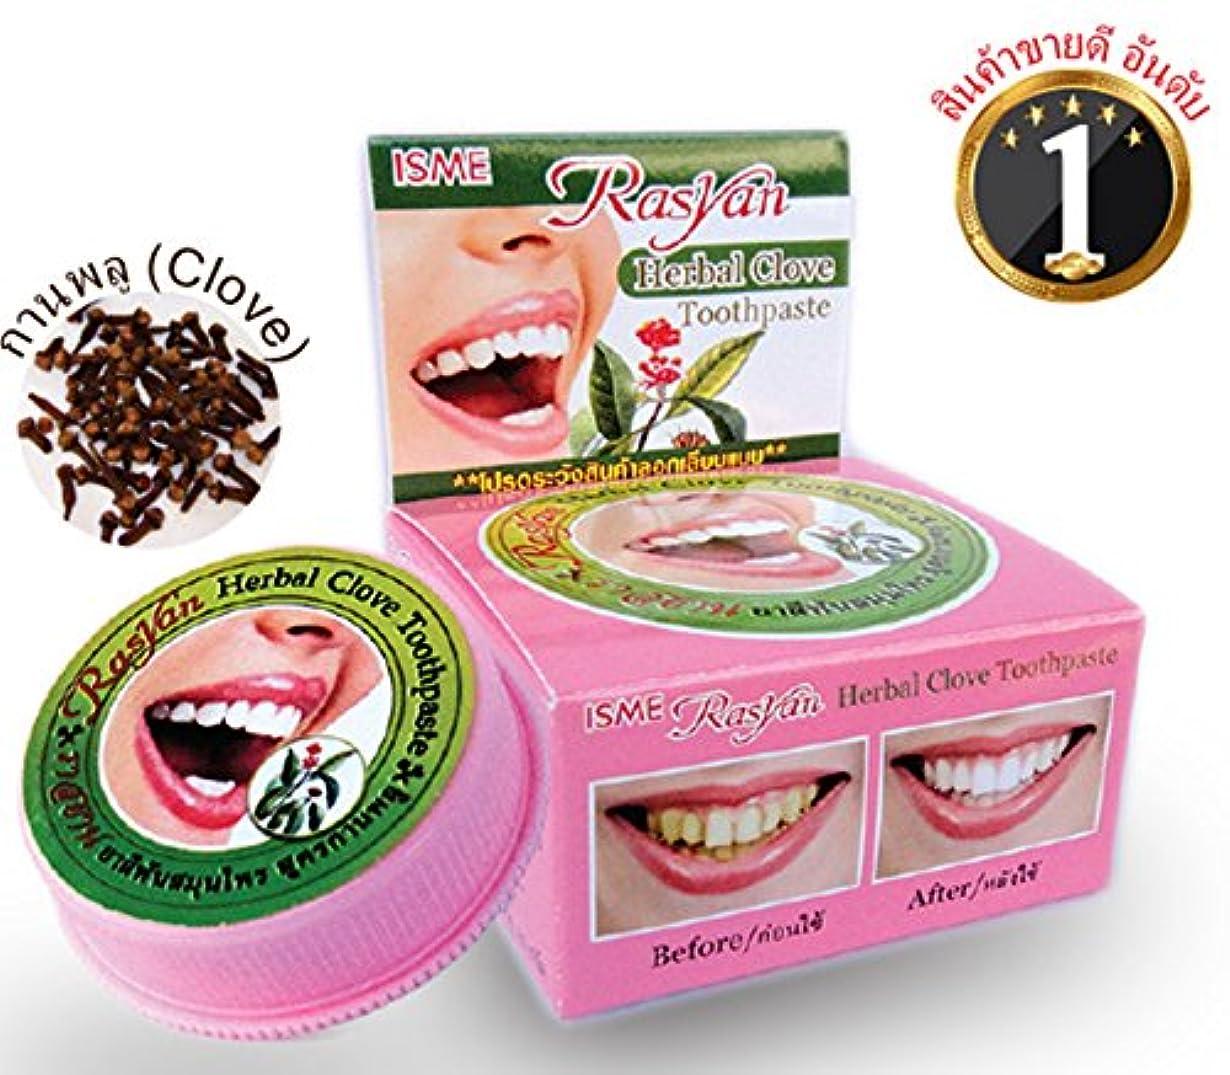 練り歯磨き ハーブ Thai Herbal Rasyan Herbal Clove Toothpaste (5 Gram Size) 2 Pcs.